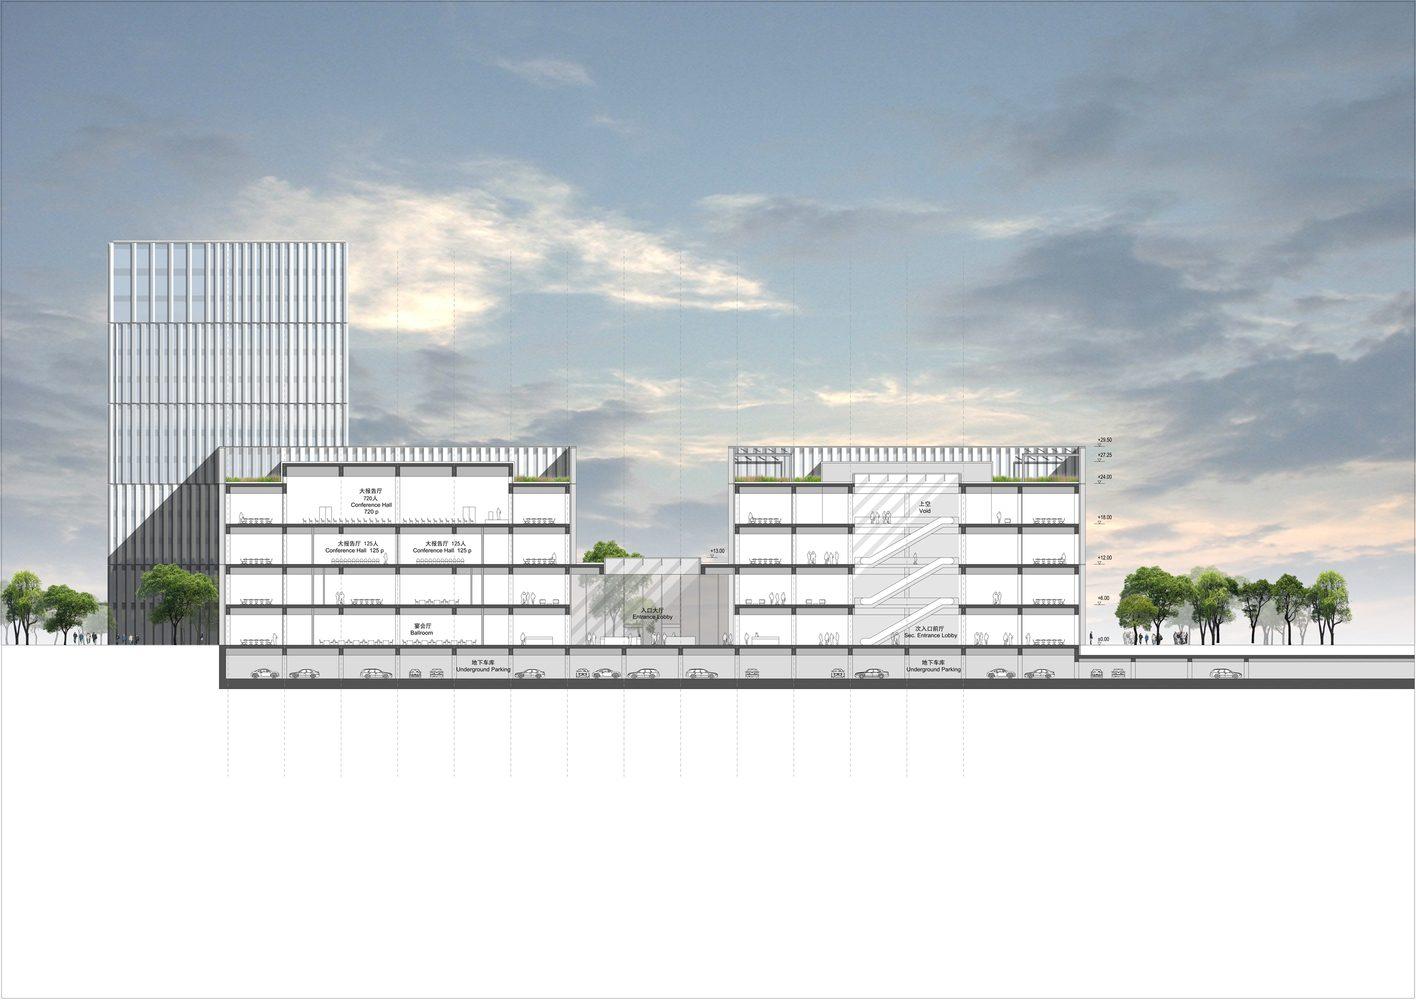 gmp-Wins-Competition-for-Science-Complex-in-Suzhou-IGS-Magazine-Architecture-Press-Release-13